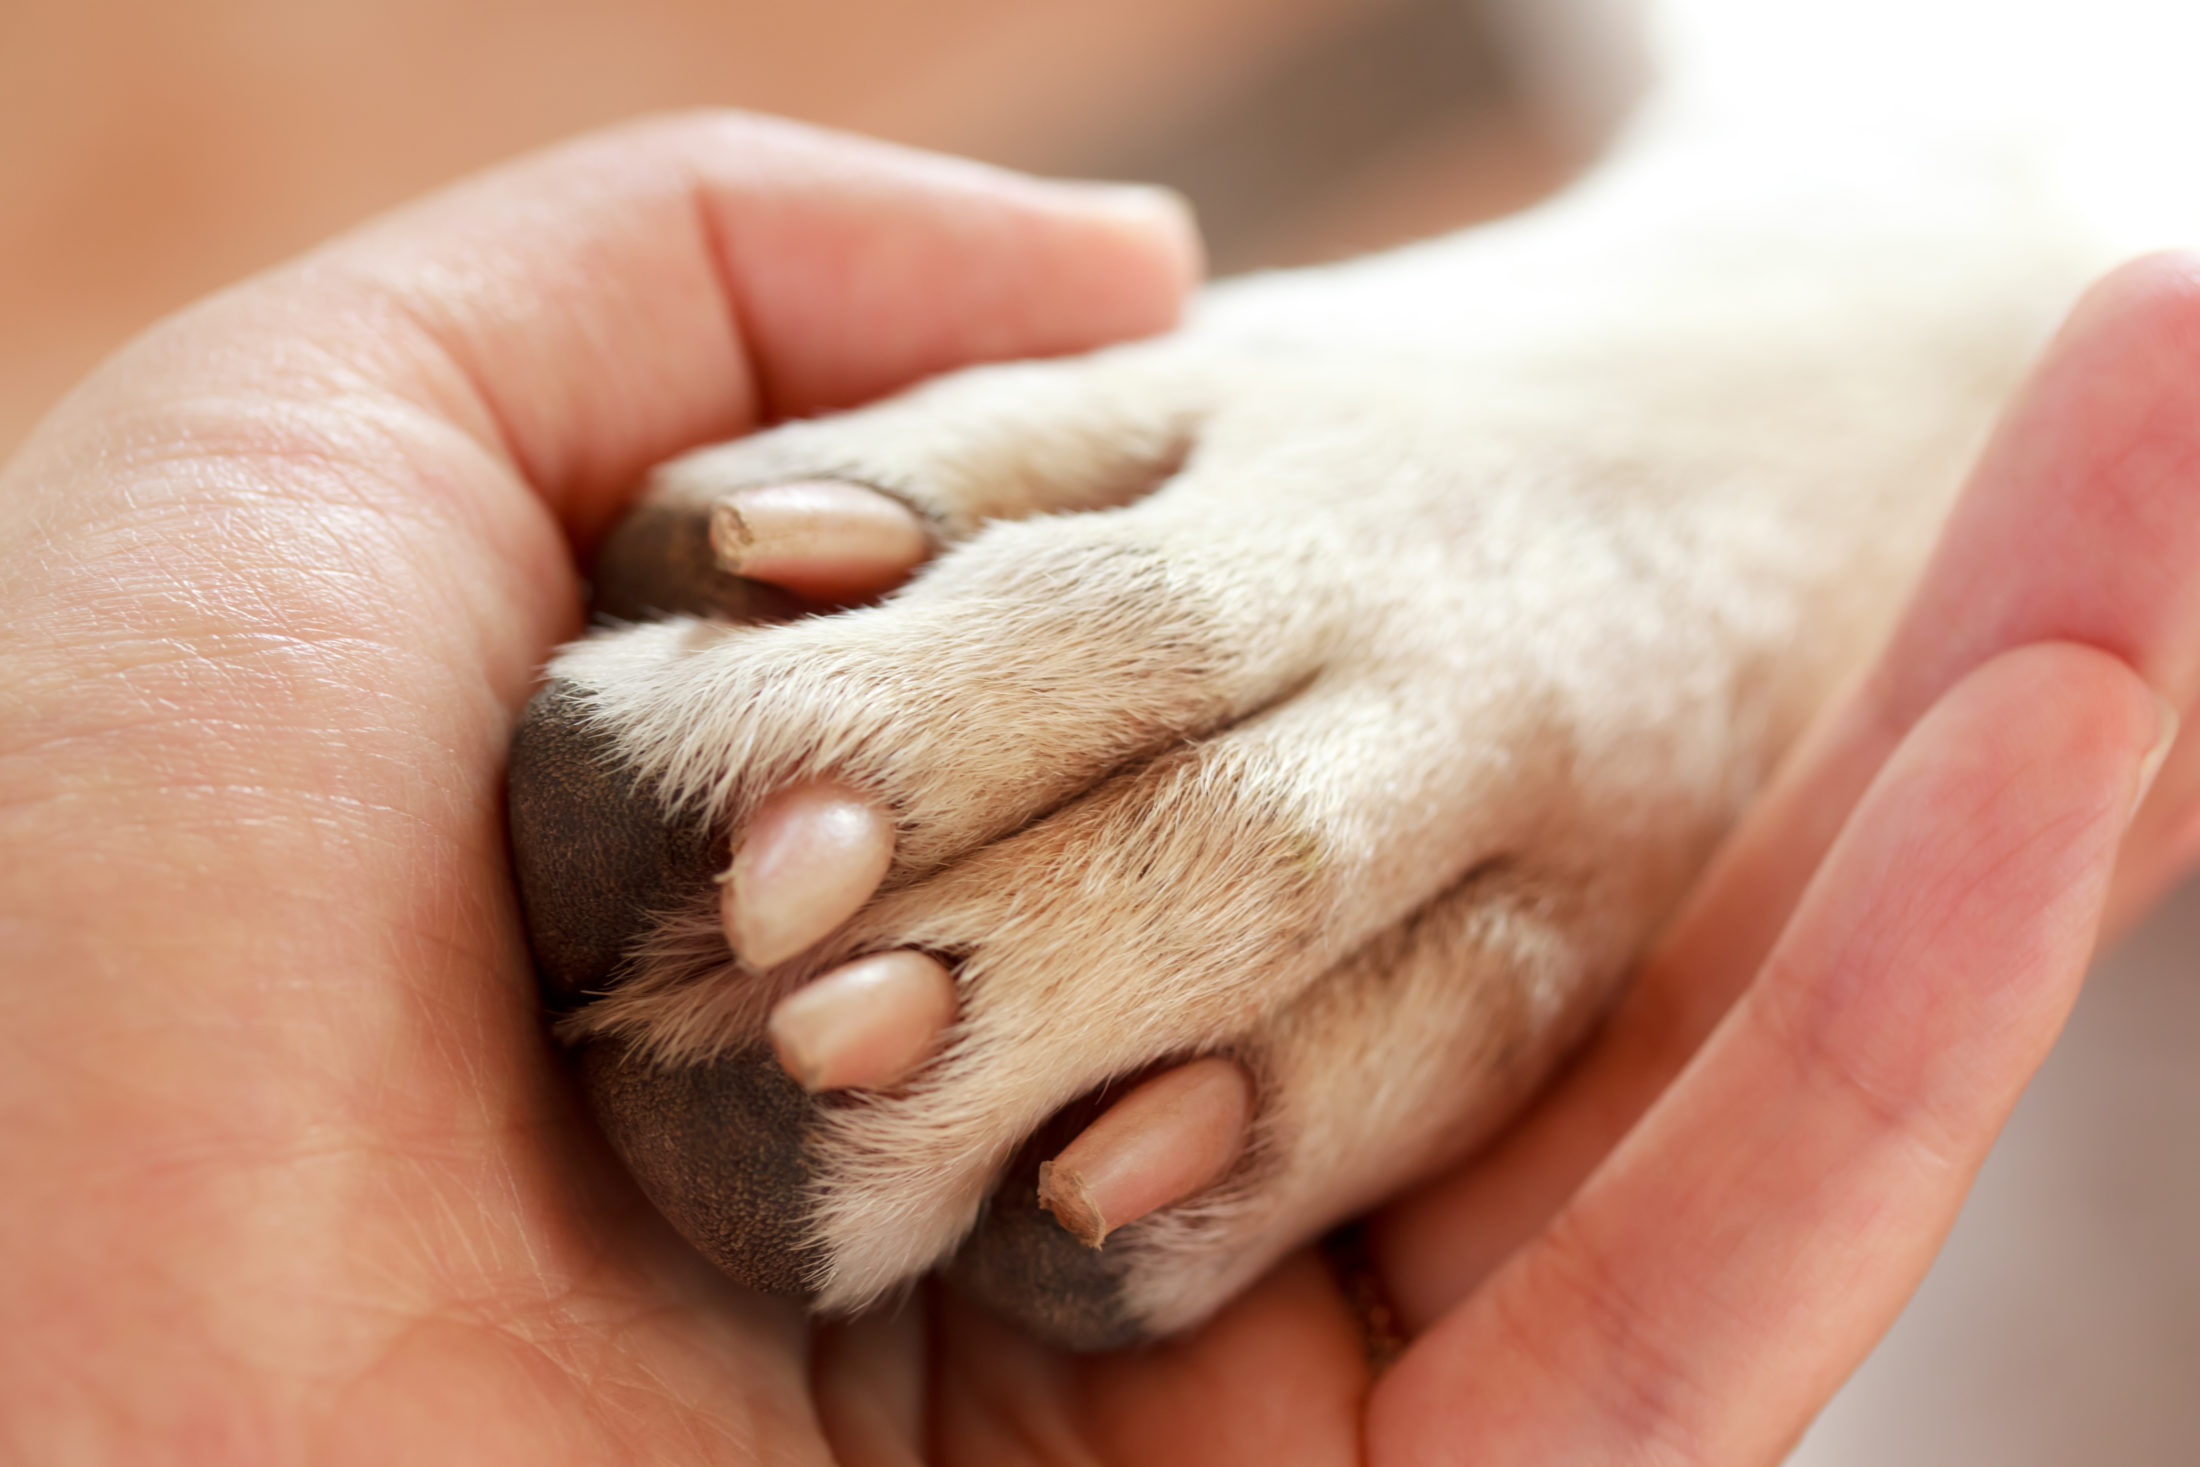 Dentre os cuidados com animal de estimação, crtar as unhas é o mais difícil.